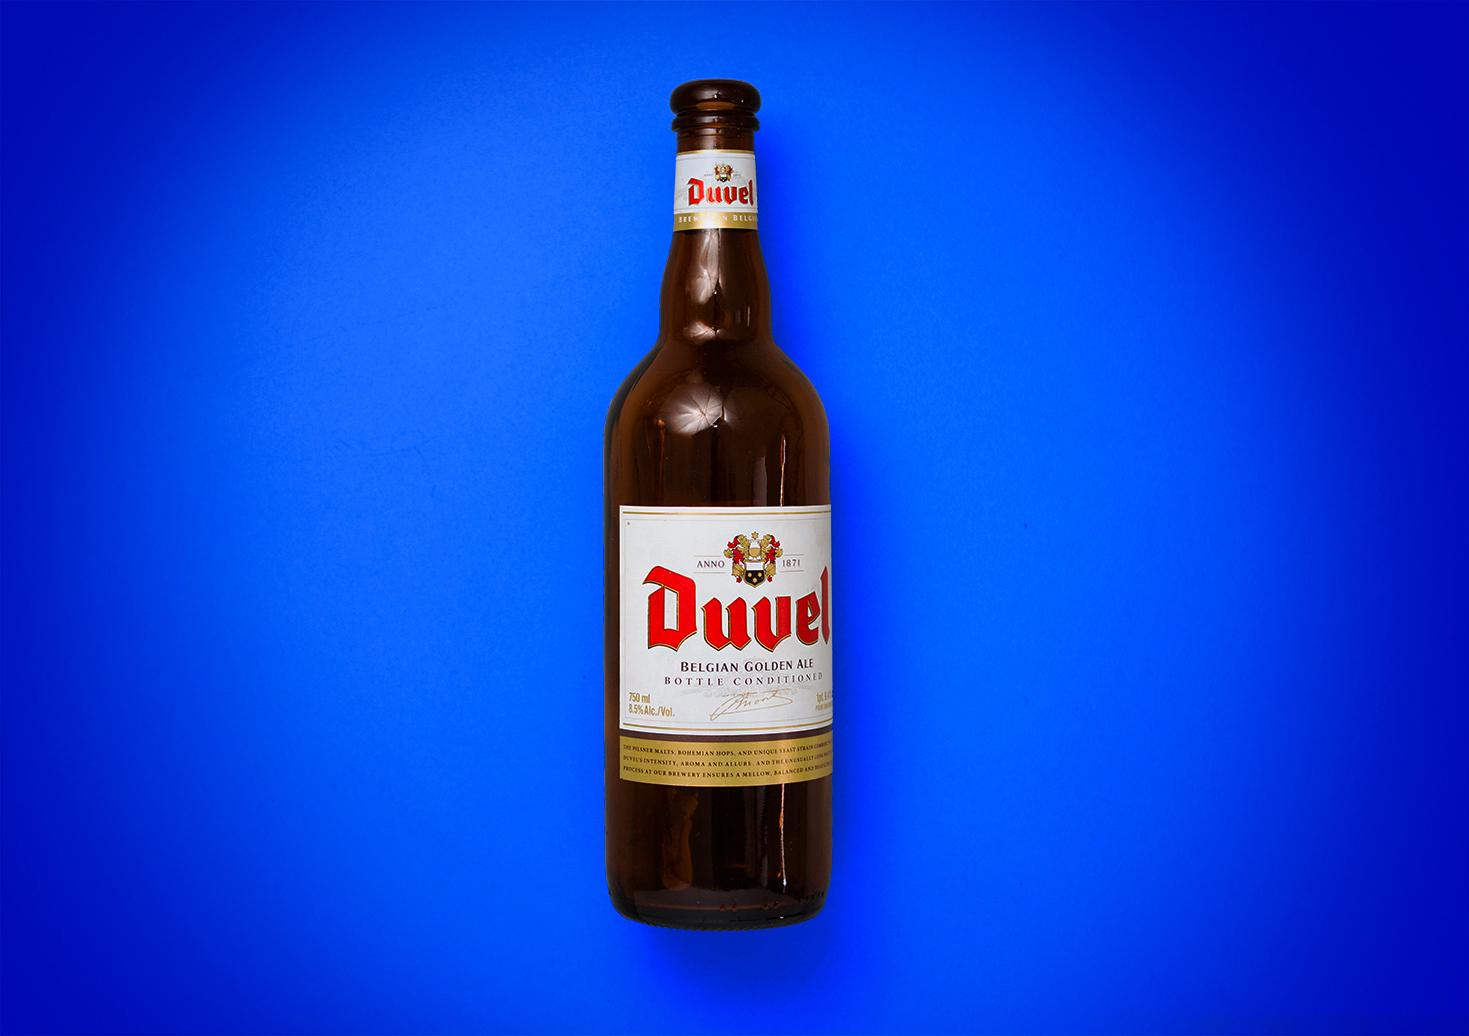 Duval2